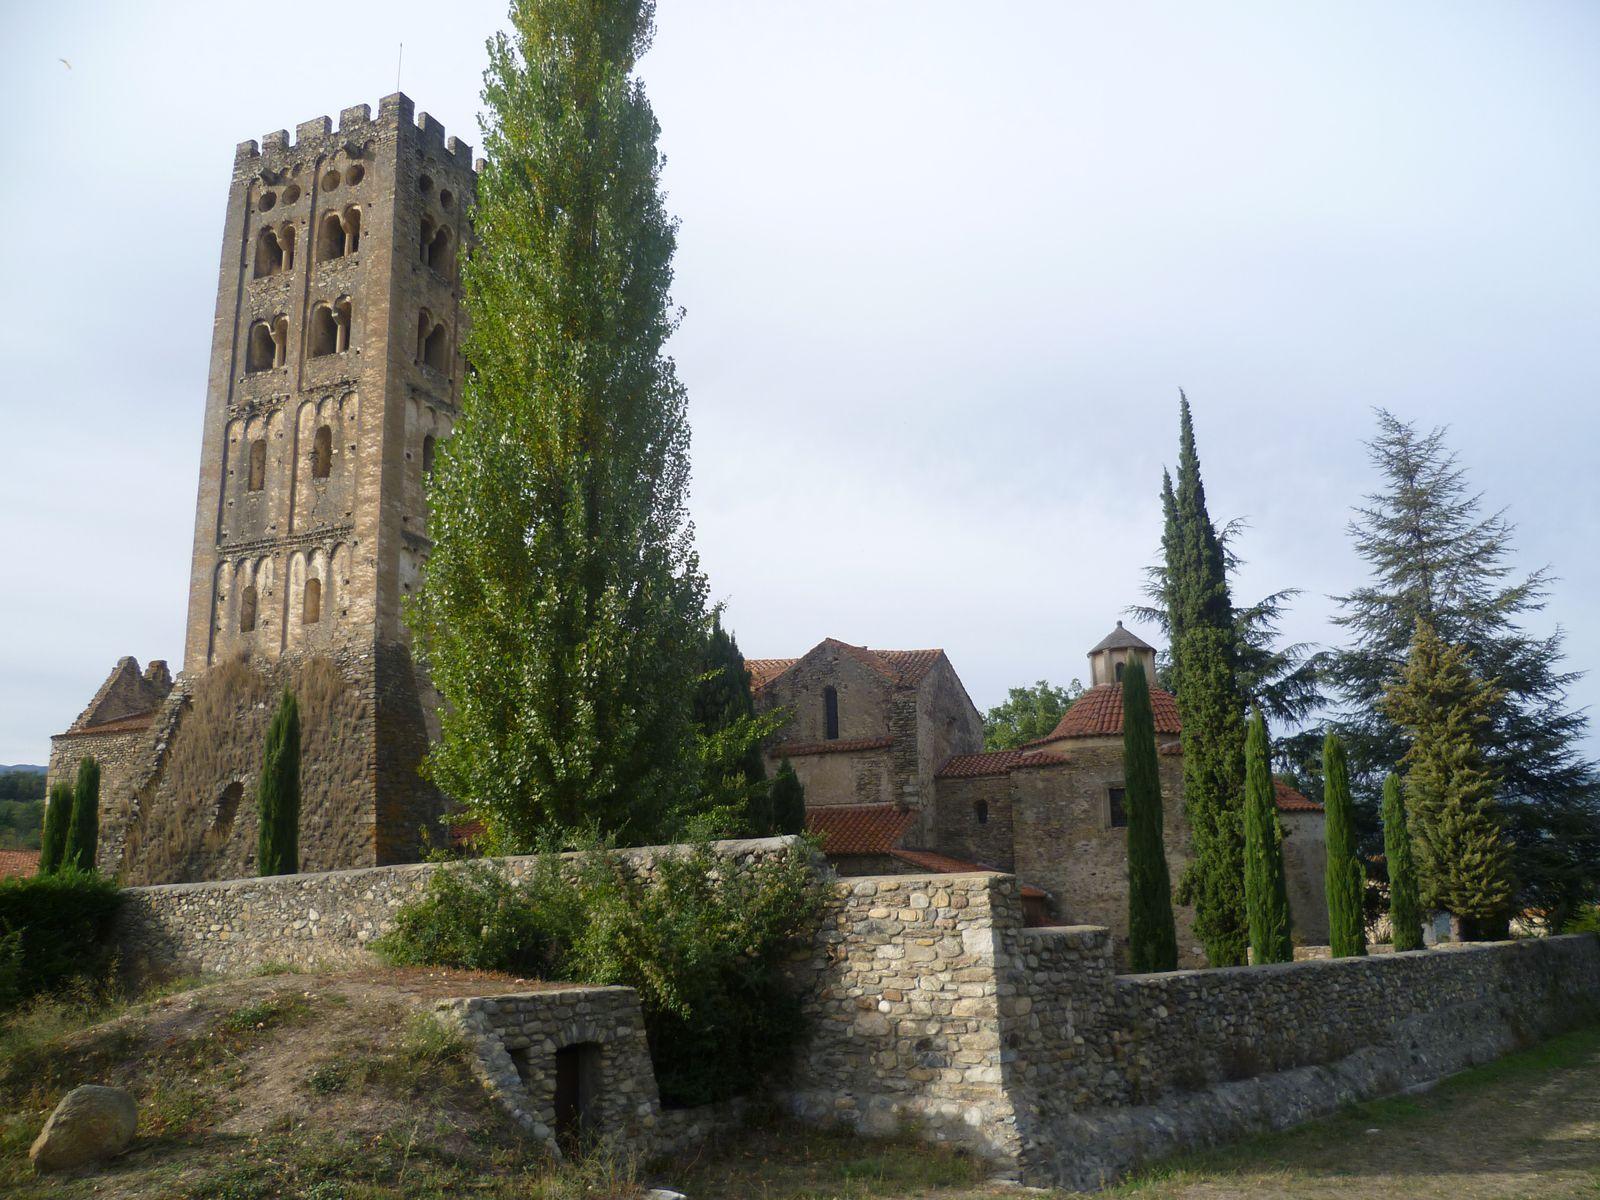 passage près de l'abbaye de St-Michel de Cuxa...